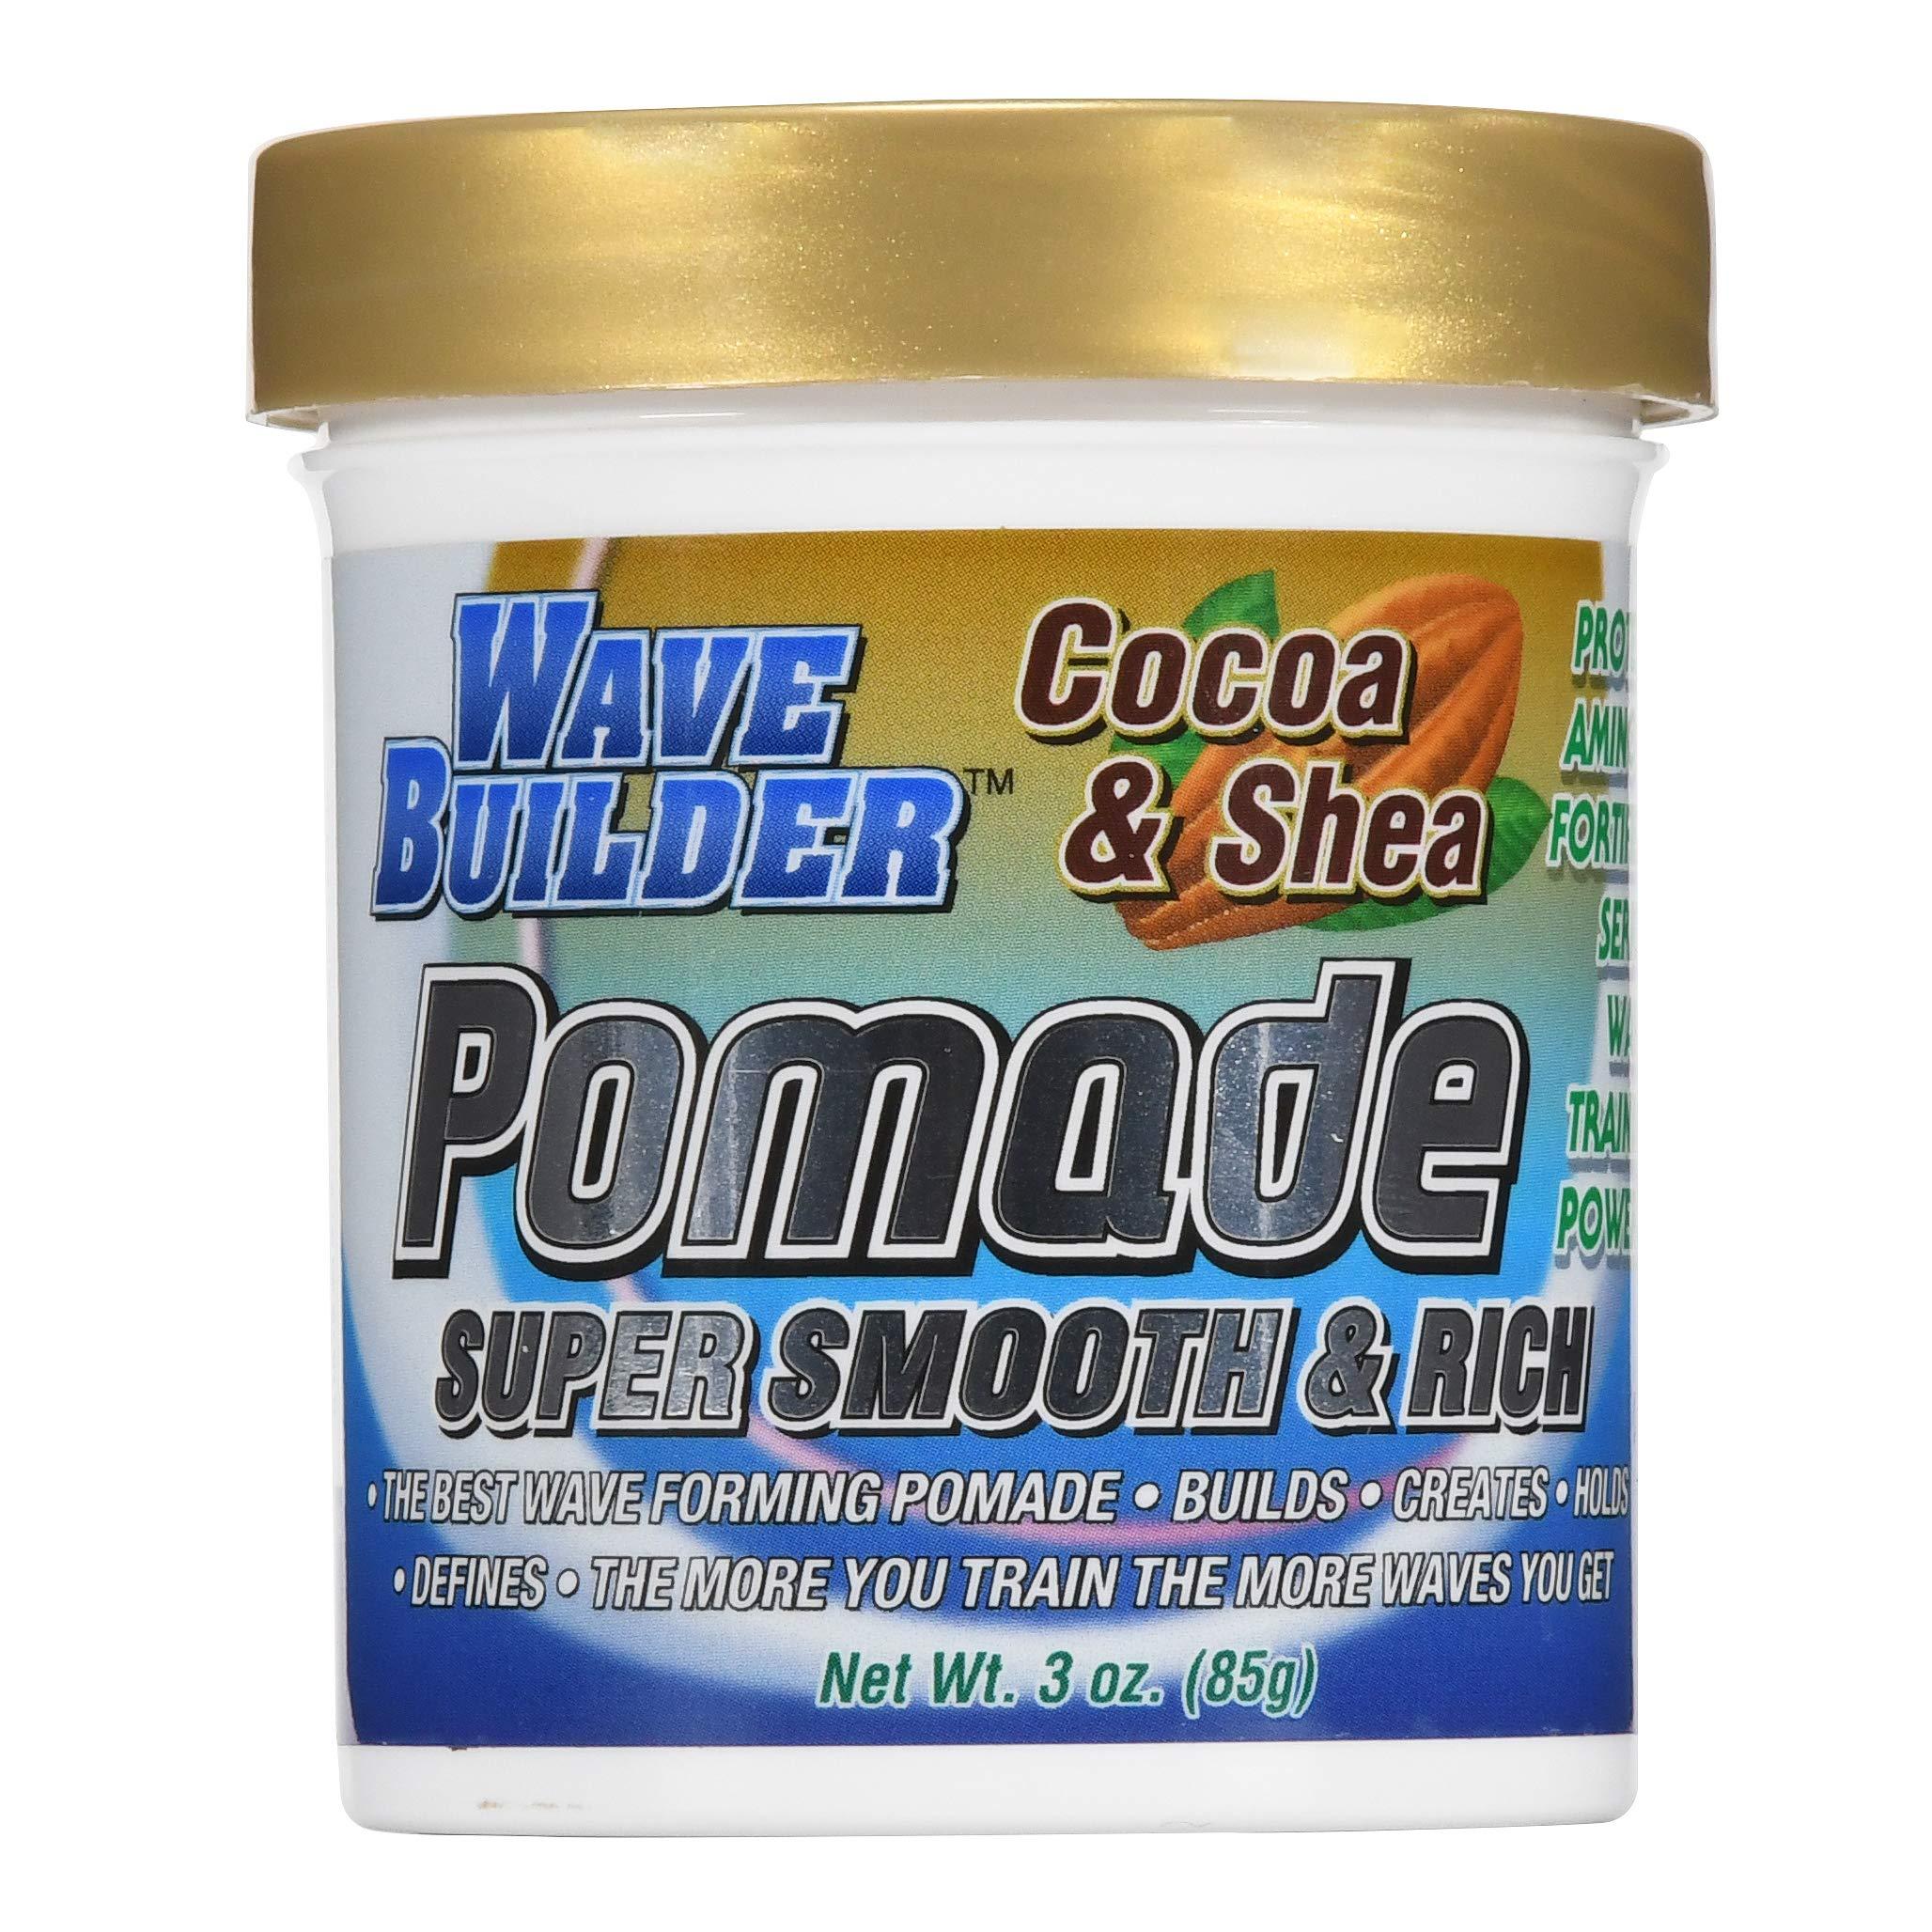 WaveBuilder Pomade Formula Promotes Healthy